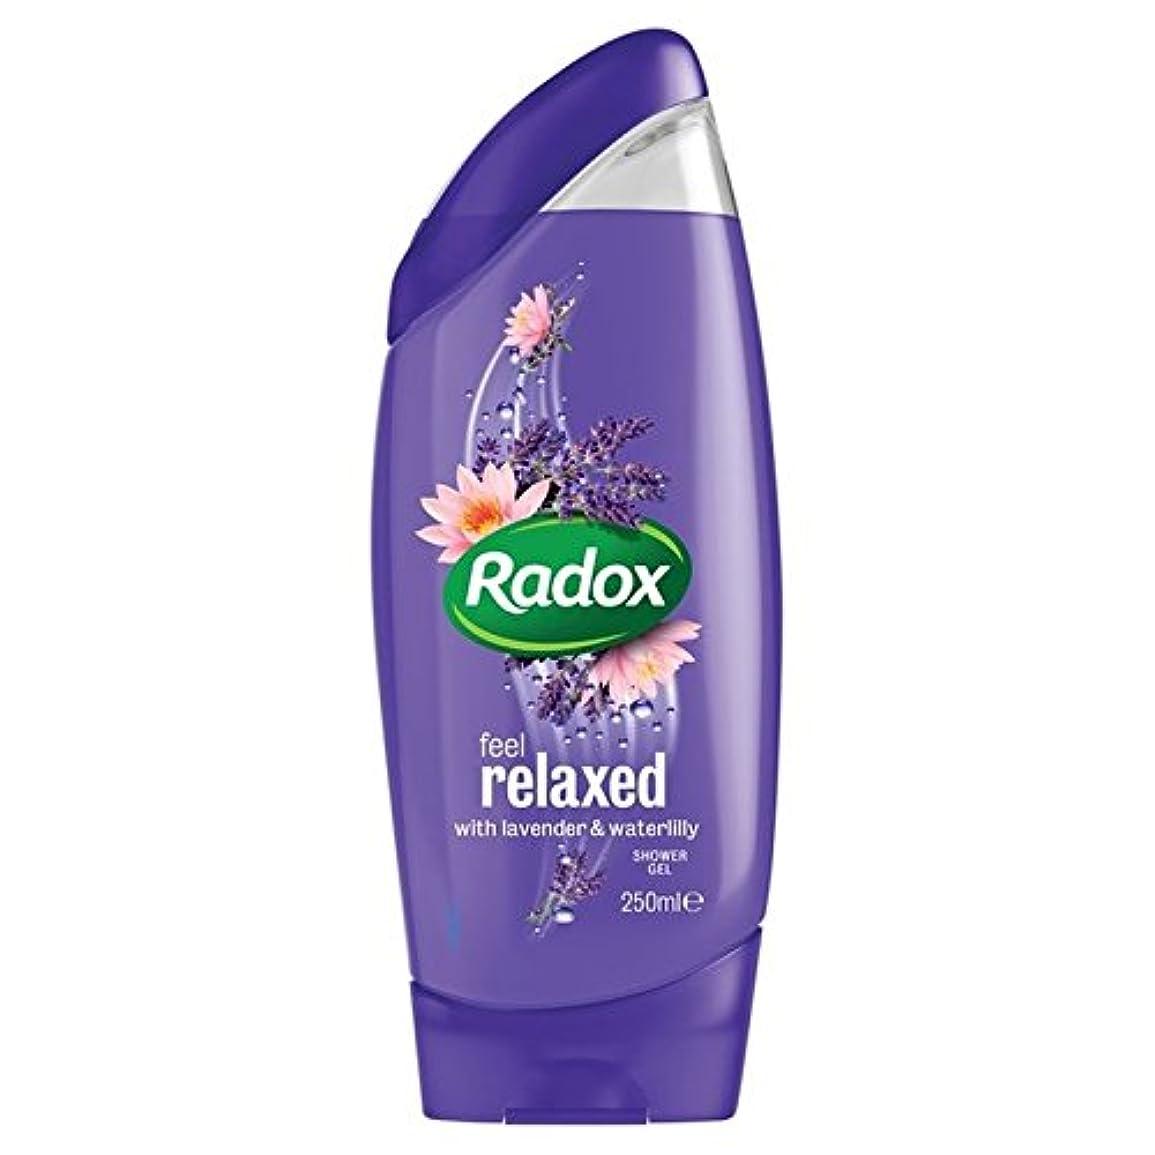 独立文房具守銭奴Radox Feel Relaxed Shower Gel 250ml - はリラックスシャワージェル250ミリリットルを感じます [並行輸入品]